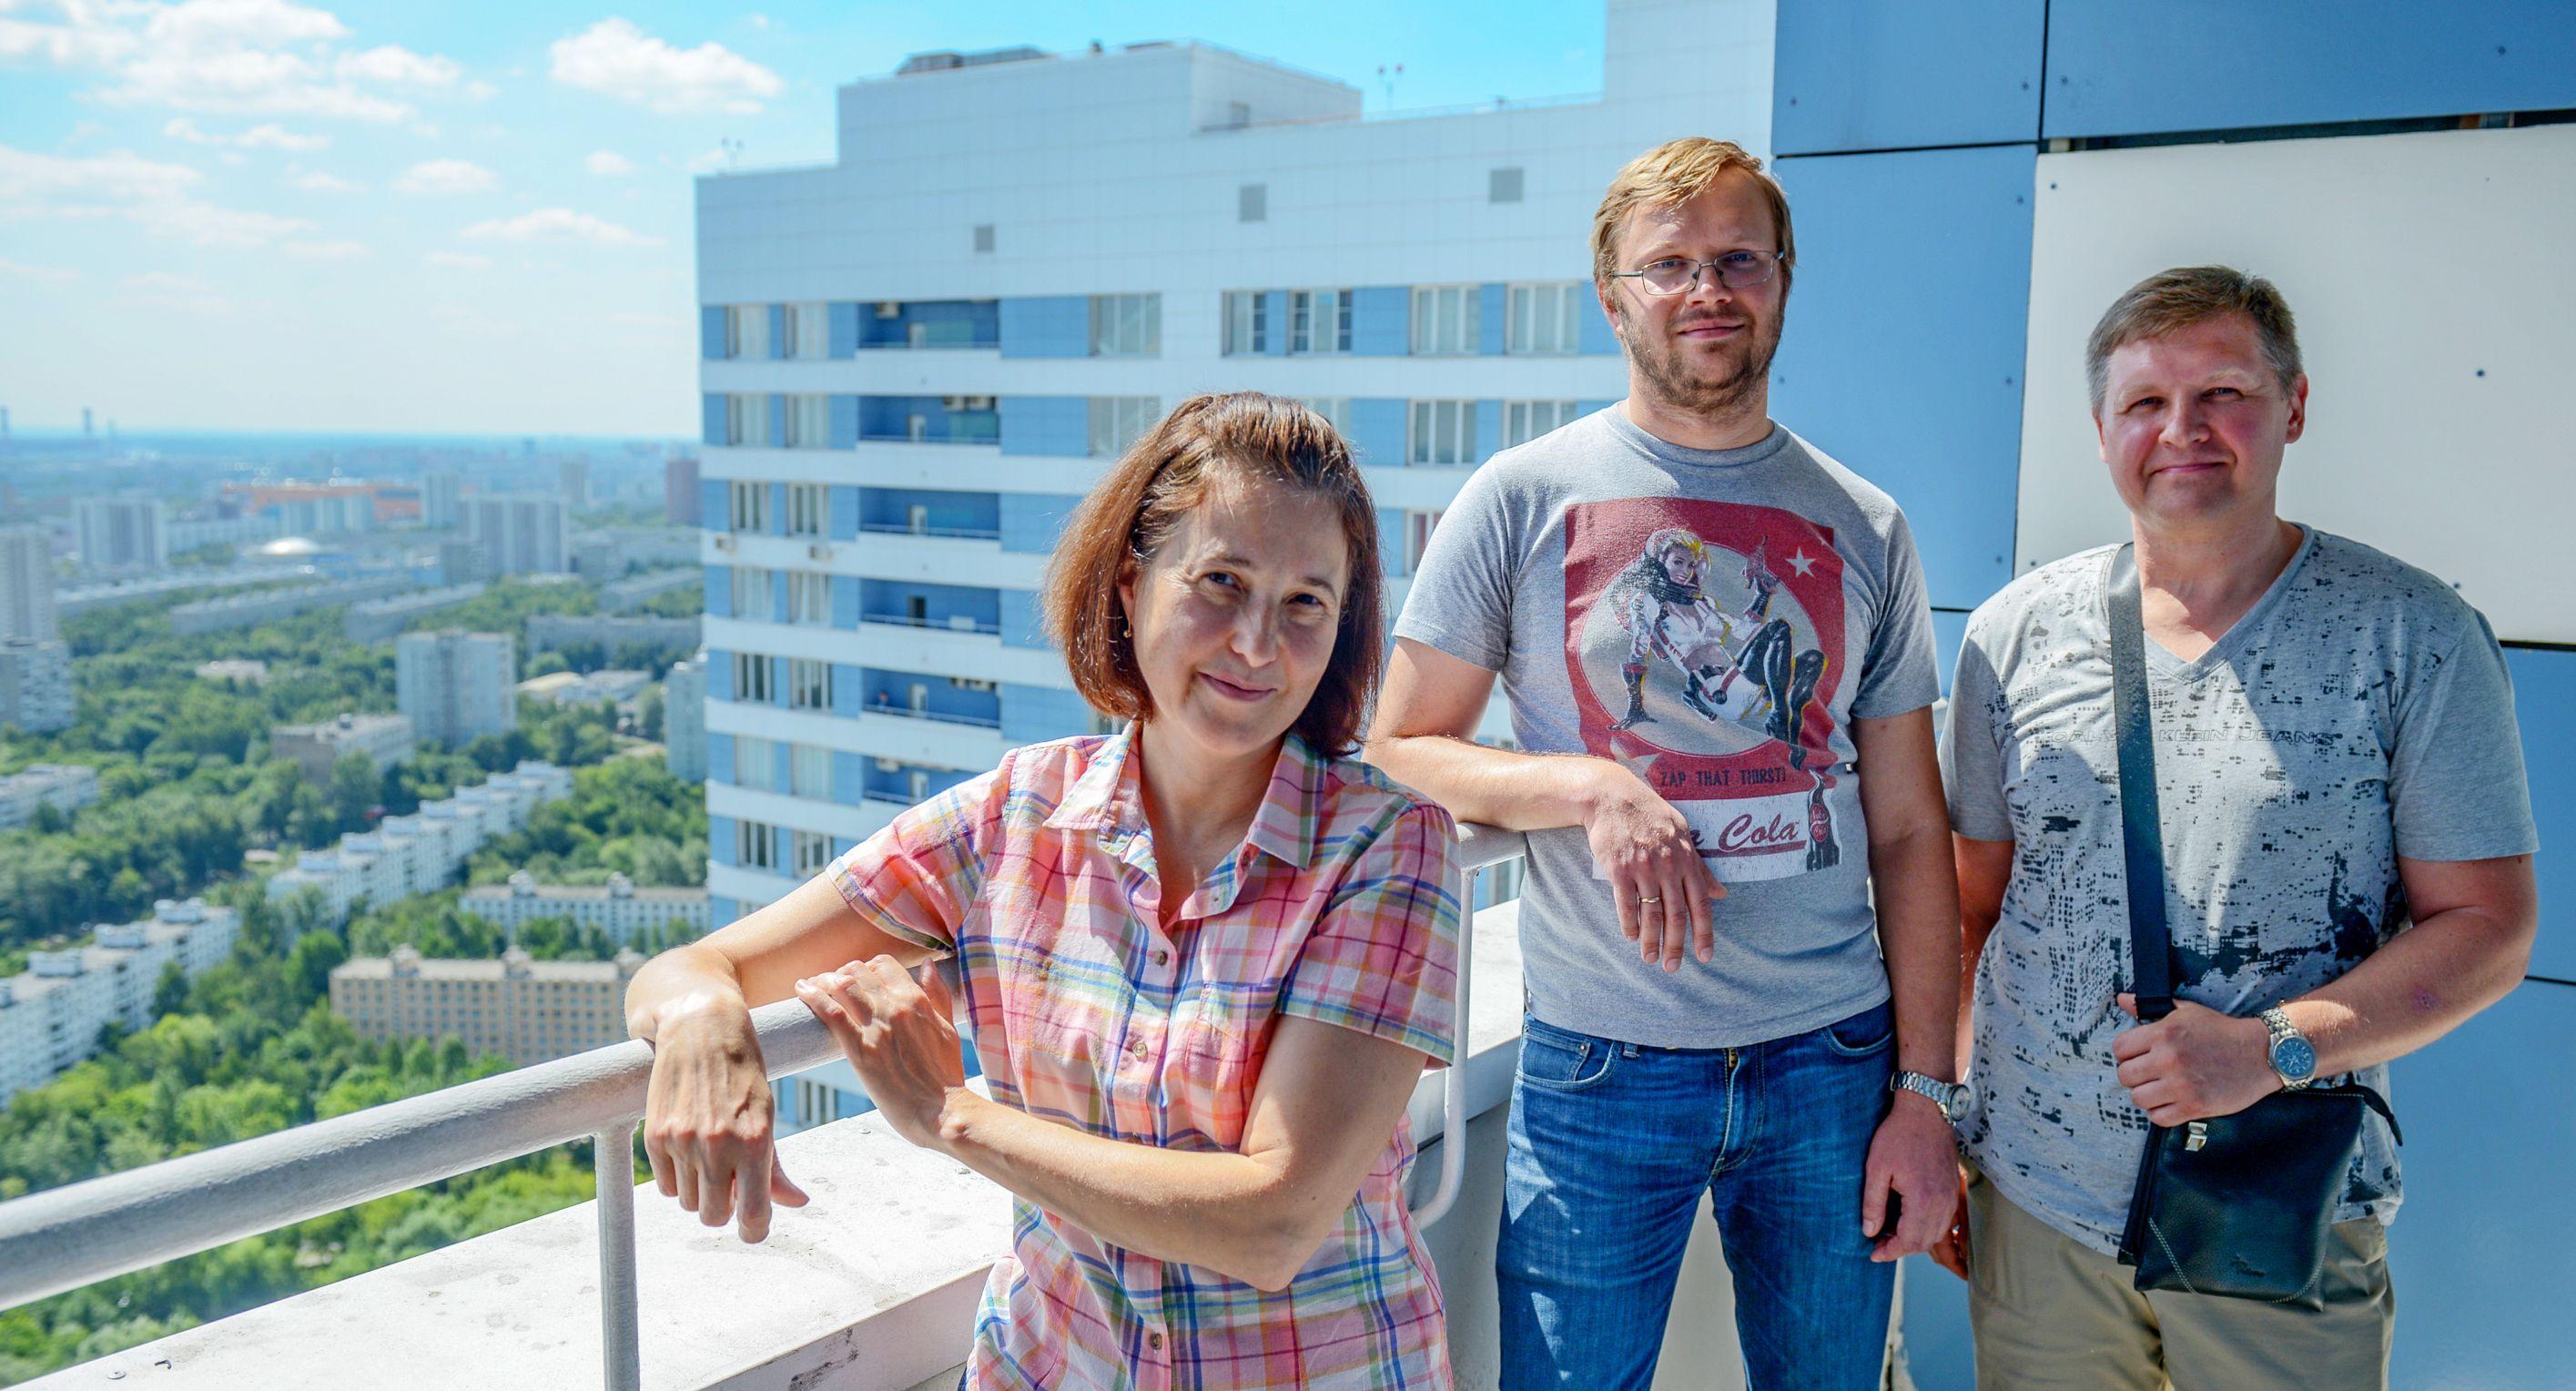 Москвичи отправили тысячу идей на краудсорсинг-проект «Электронный дом» за три дня